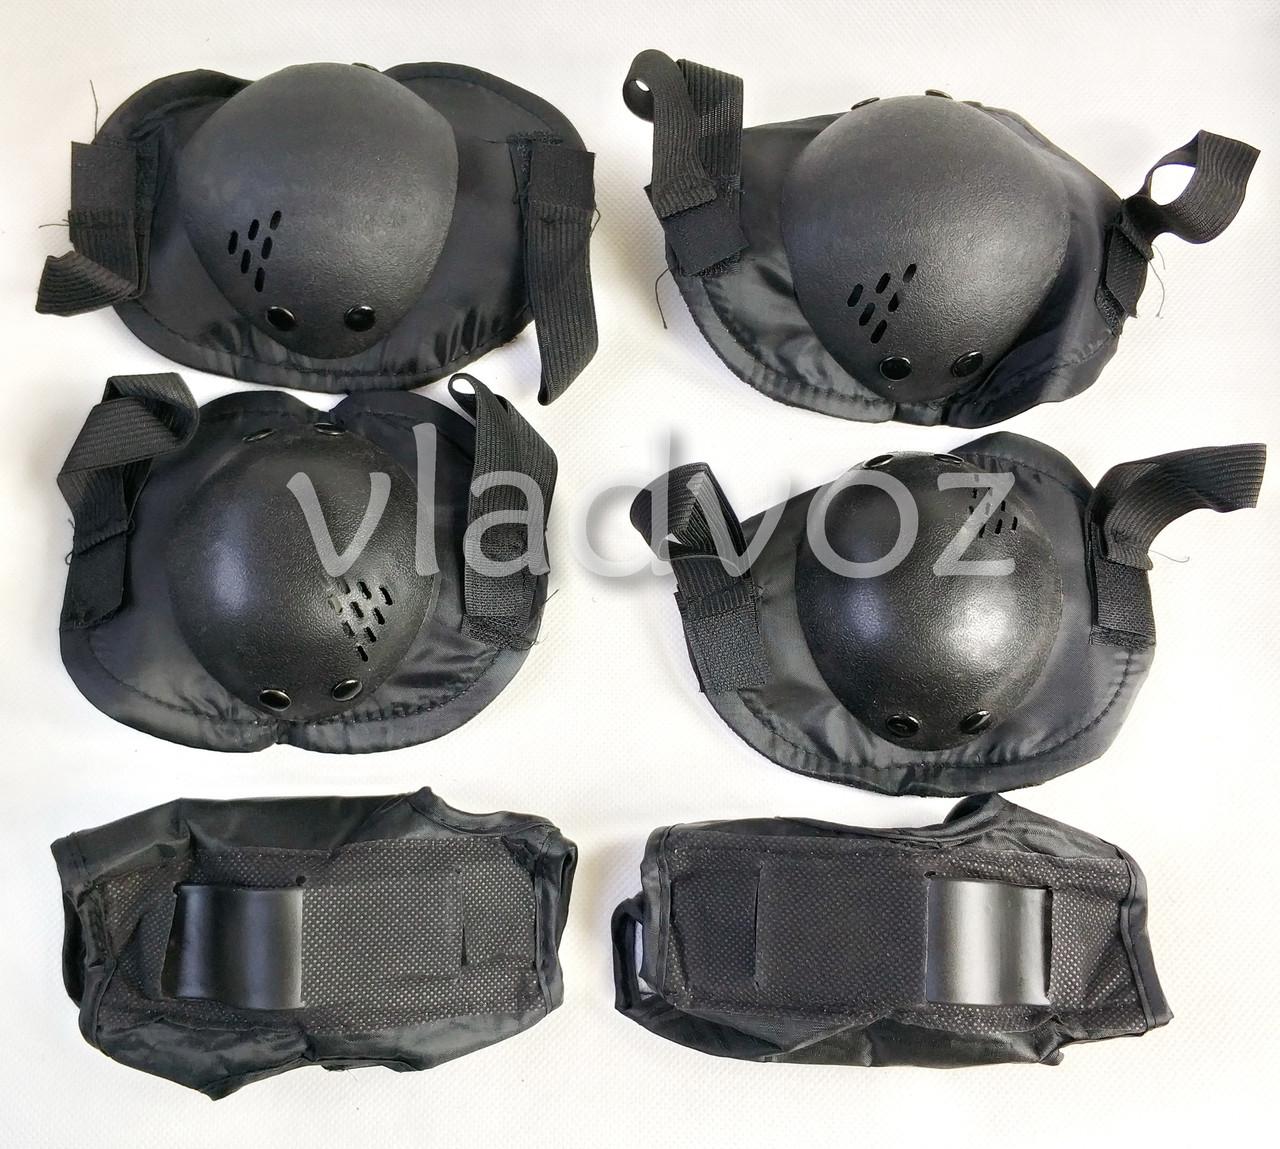 Детская защита комплект для роликов скейта велосипеда самоката экипировка защитная черная